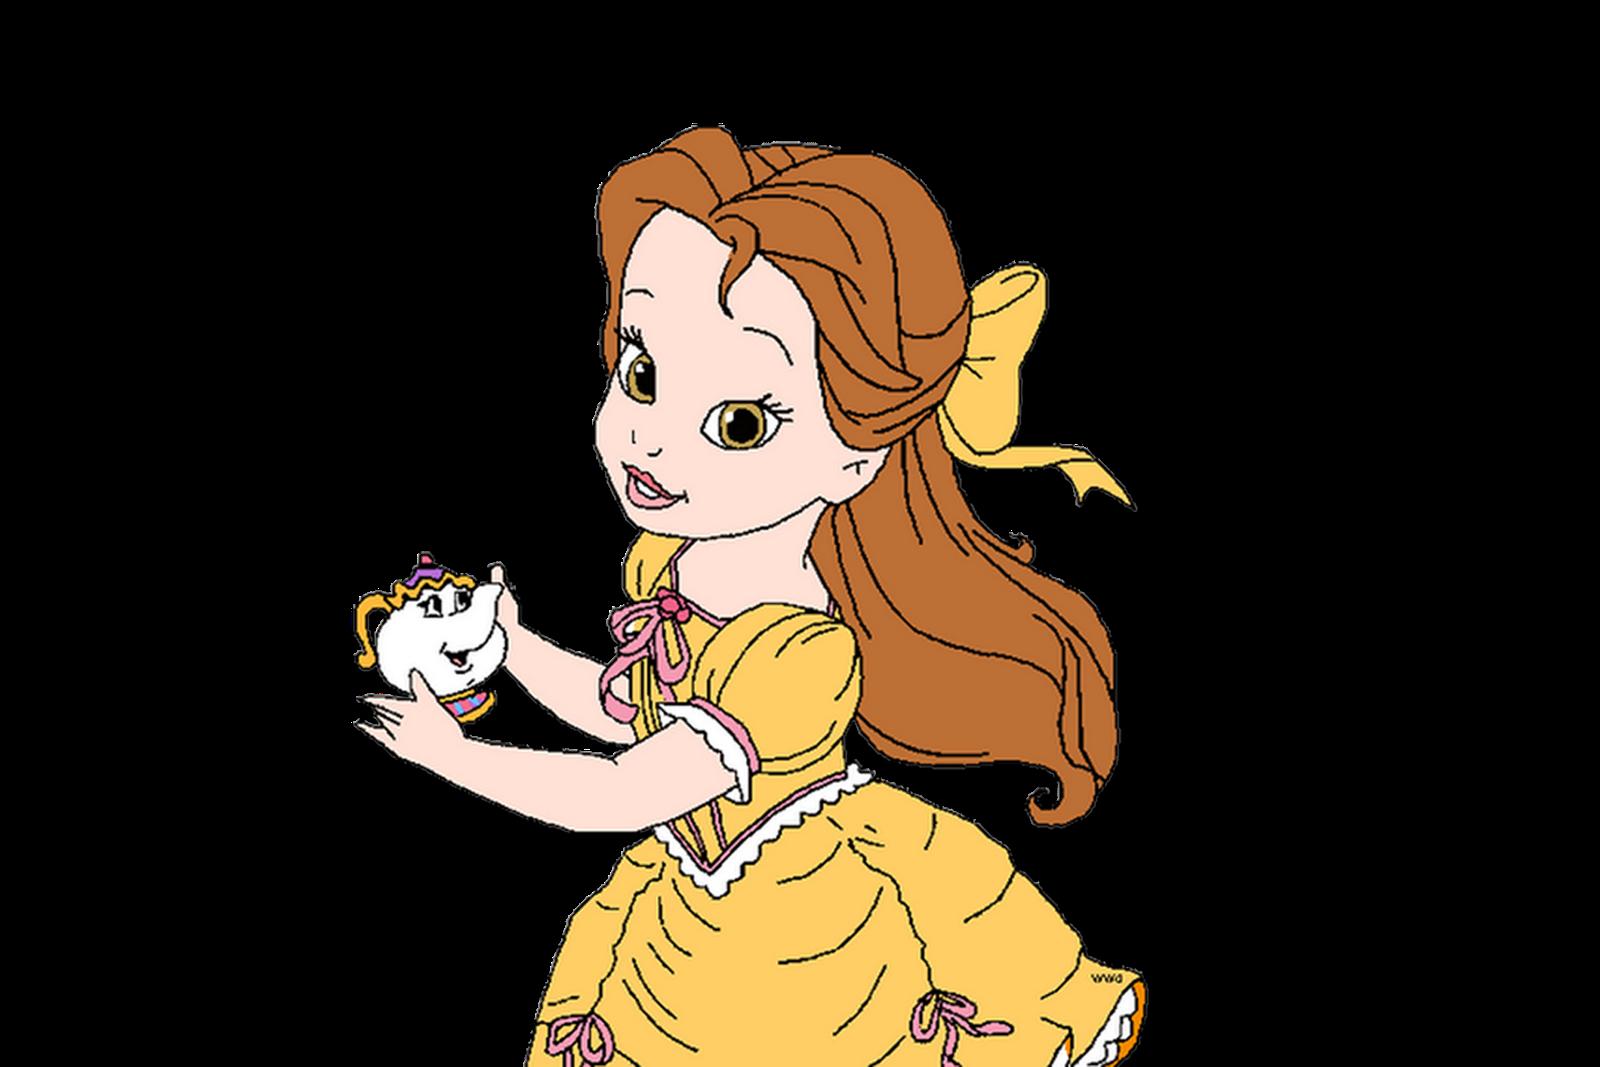 Dibujos de Dibujos Animados para colorear - Páginas para